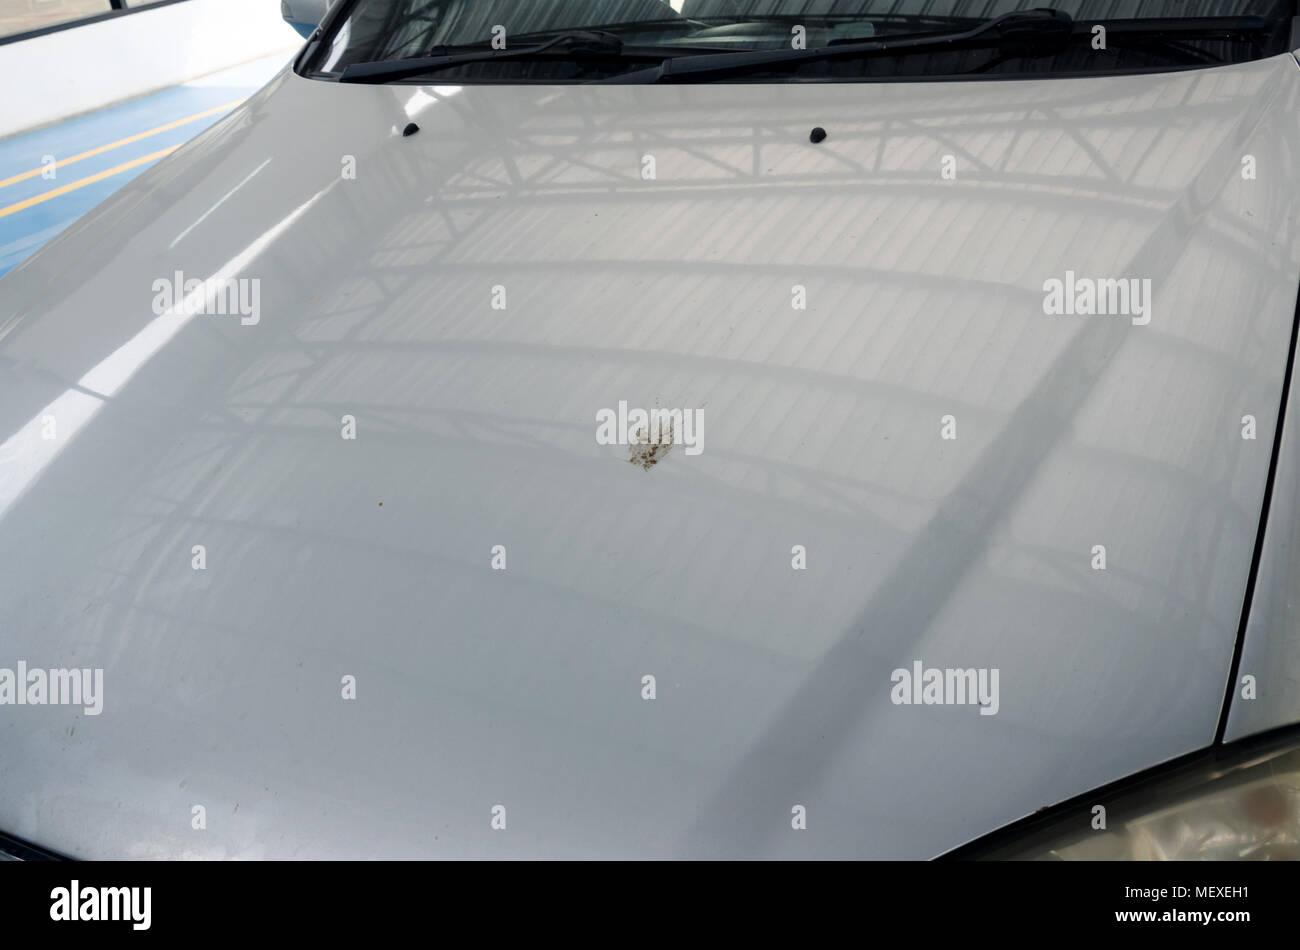 Suciedad en el capó delantero del coche. Imagen De Stock